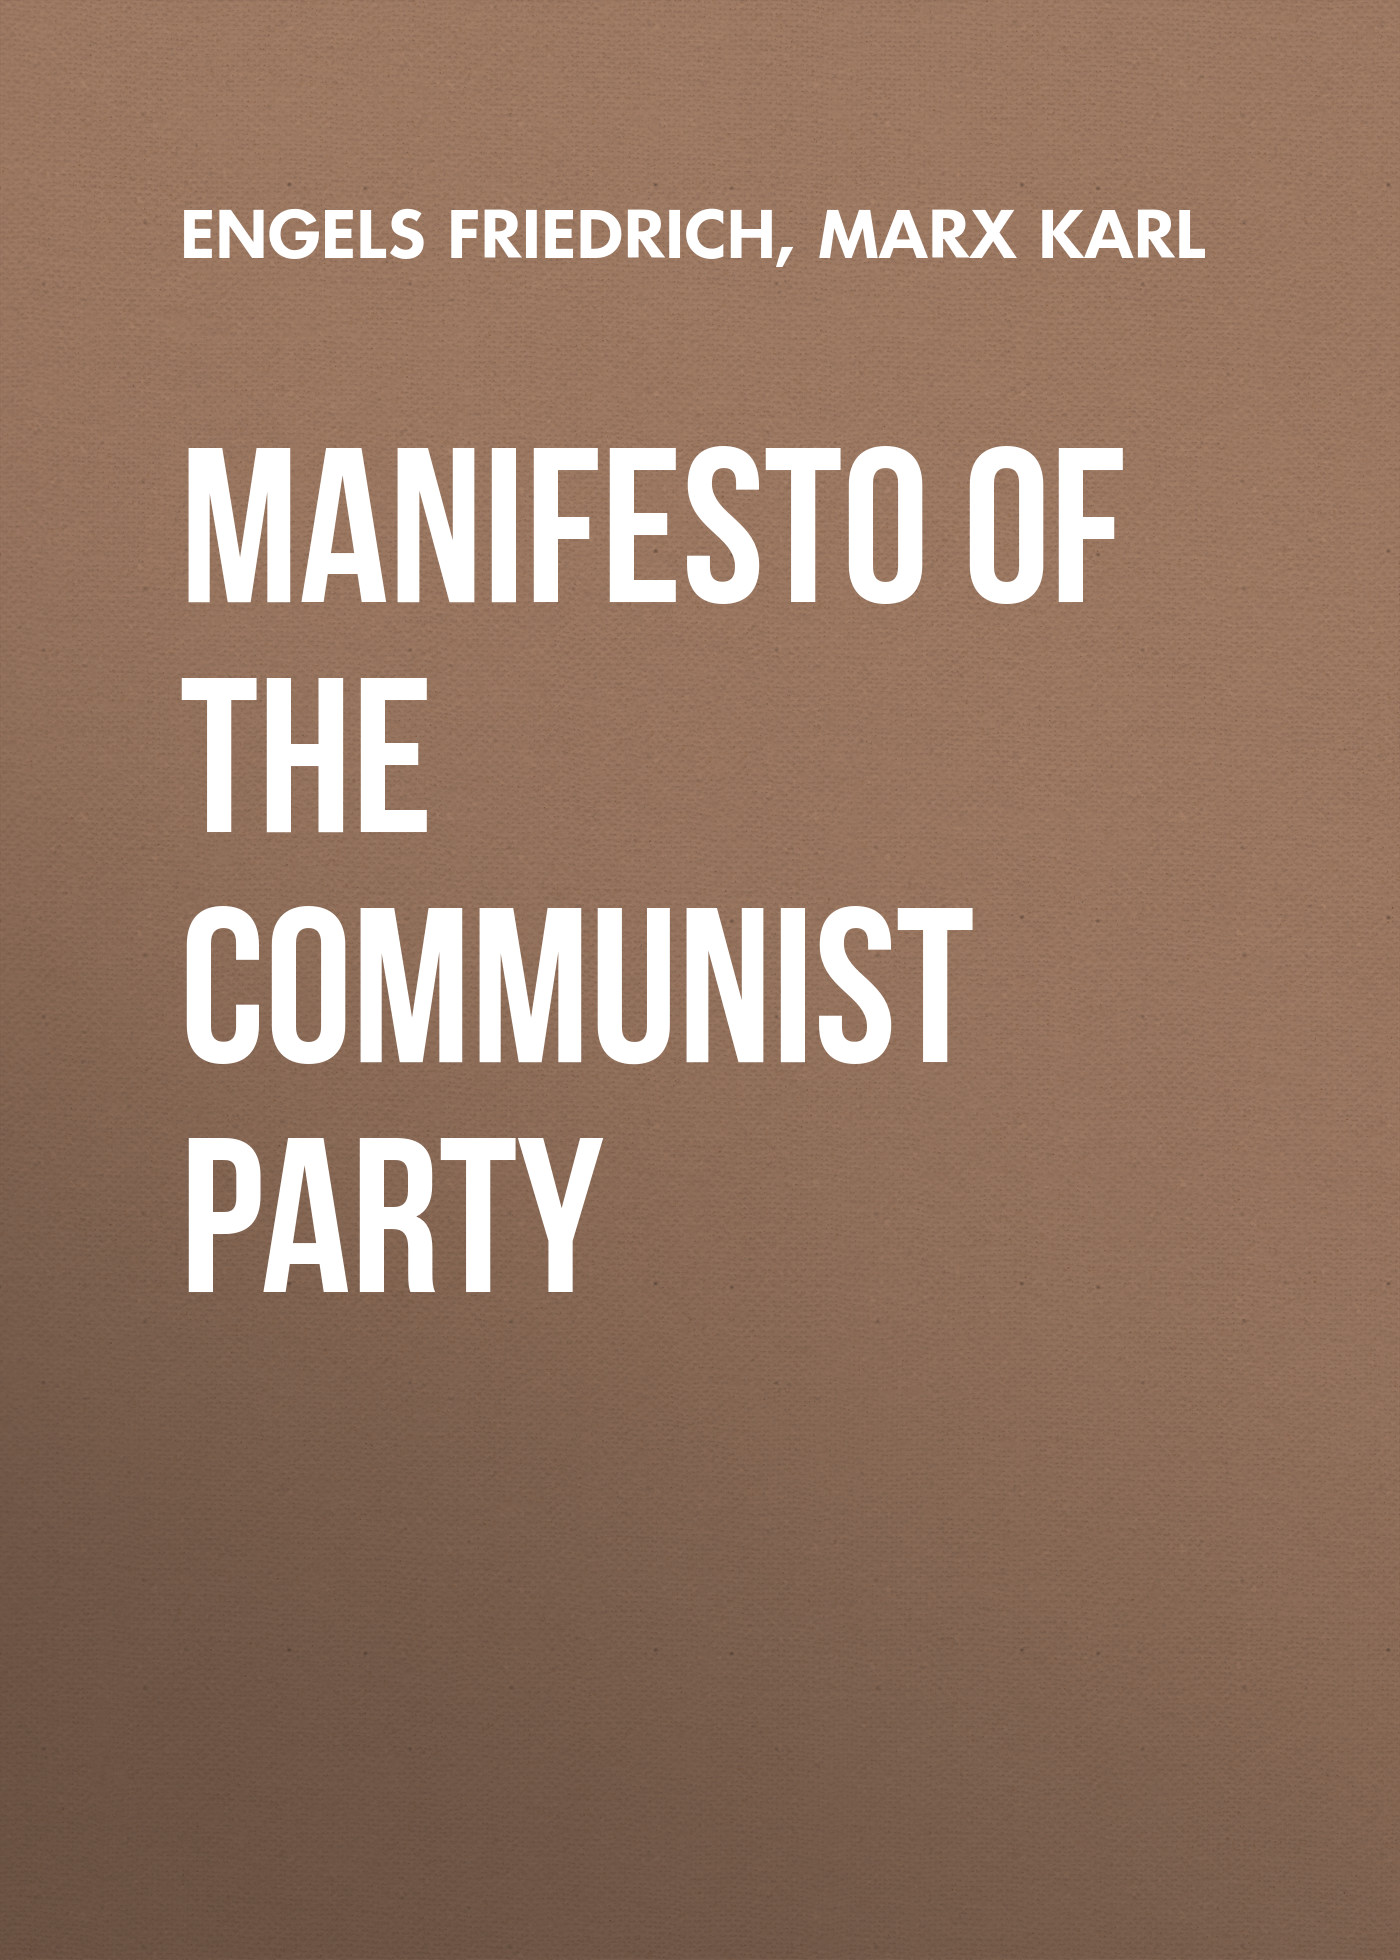 Engels Friedrich Manifesto of the Communist Party engels friedrich feuerbach the roots of the socialist philosophy